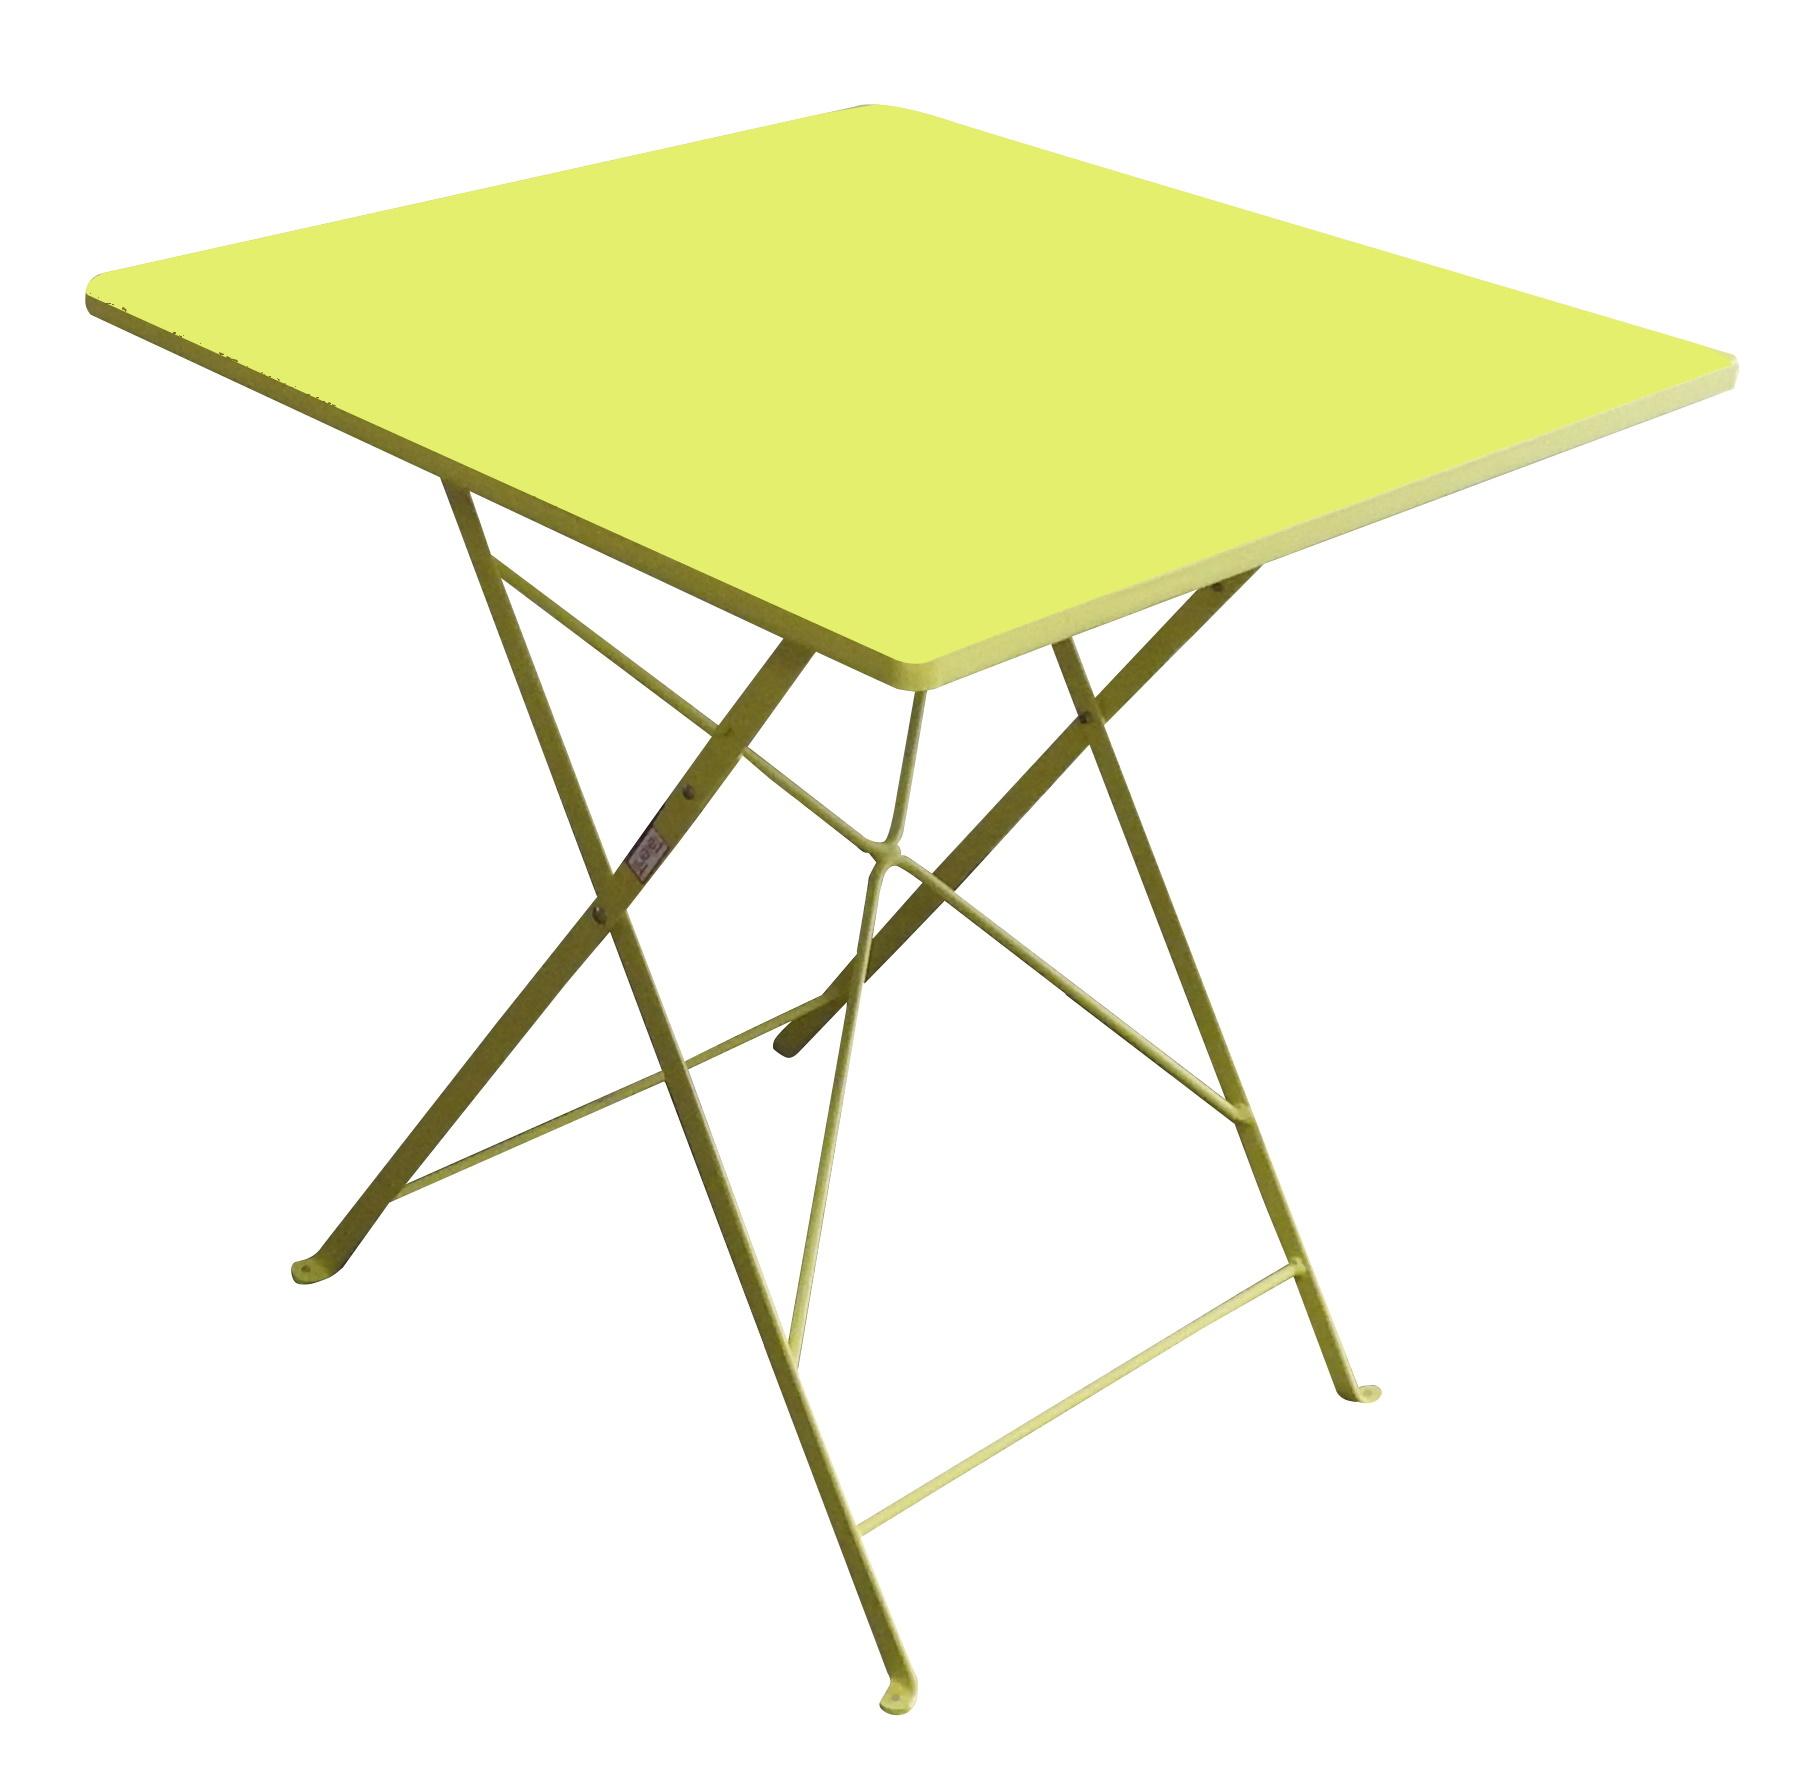 Full Size of Talenti Metall Tisch Klapptisch 70x70cm Lemon Gartentisch Kinderschaukel Garten Schaukel Für Bewässerungssysteme Test Schallschutz Bewässerung Pavillion Garten Beistelltisch Garten